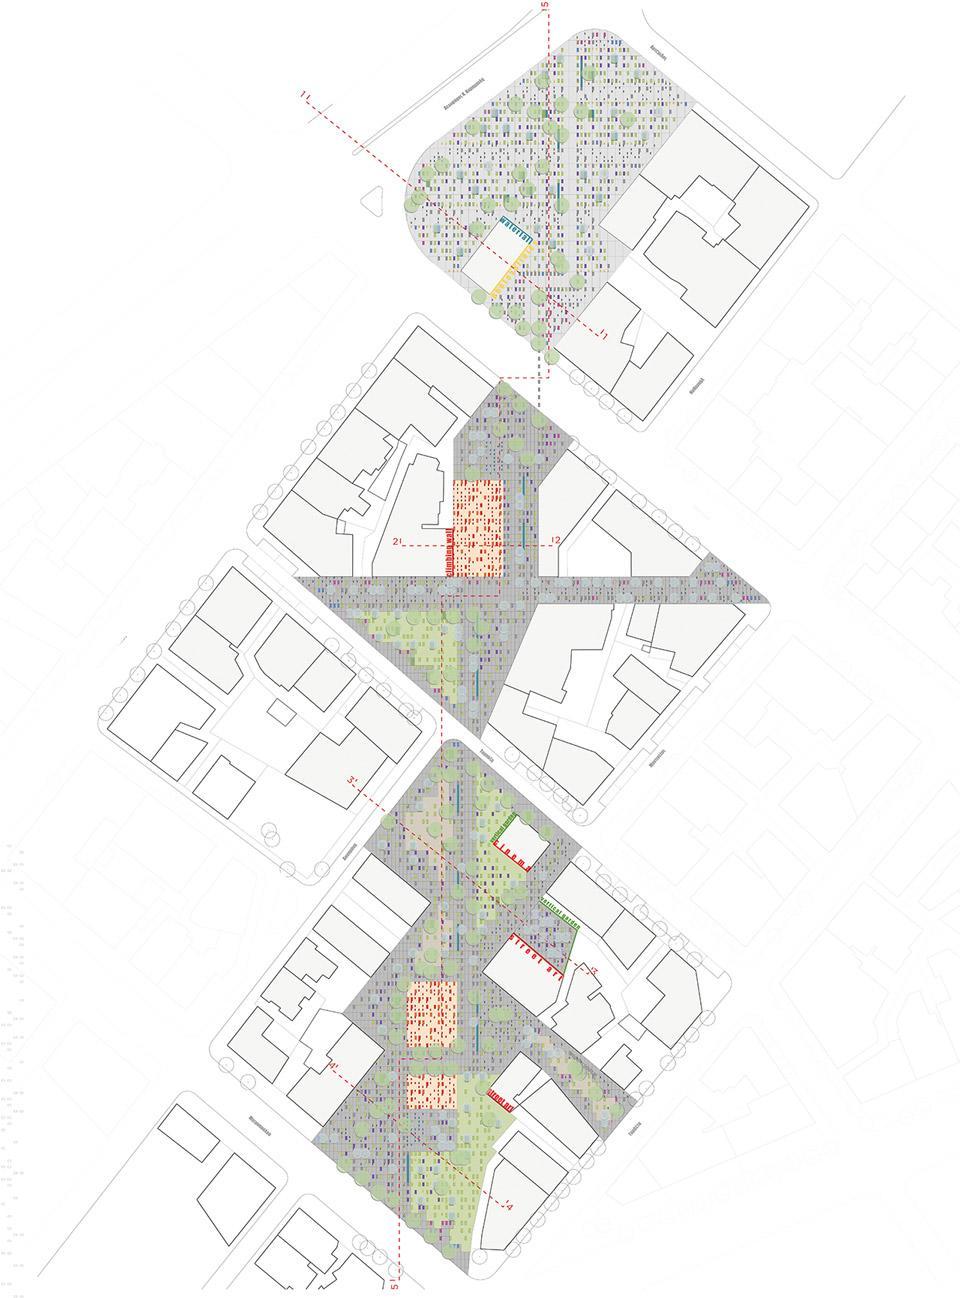 Urban-Threads-Polytopon-Architecture-Studio-plan